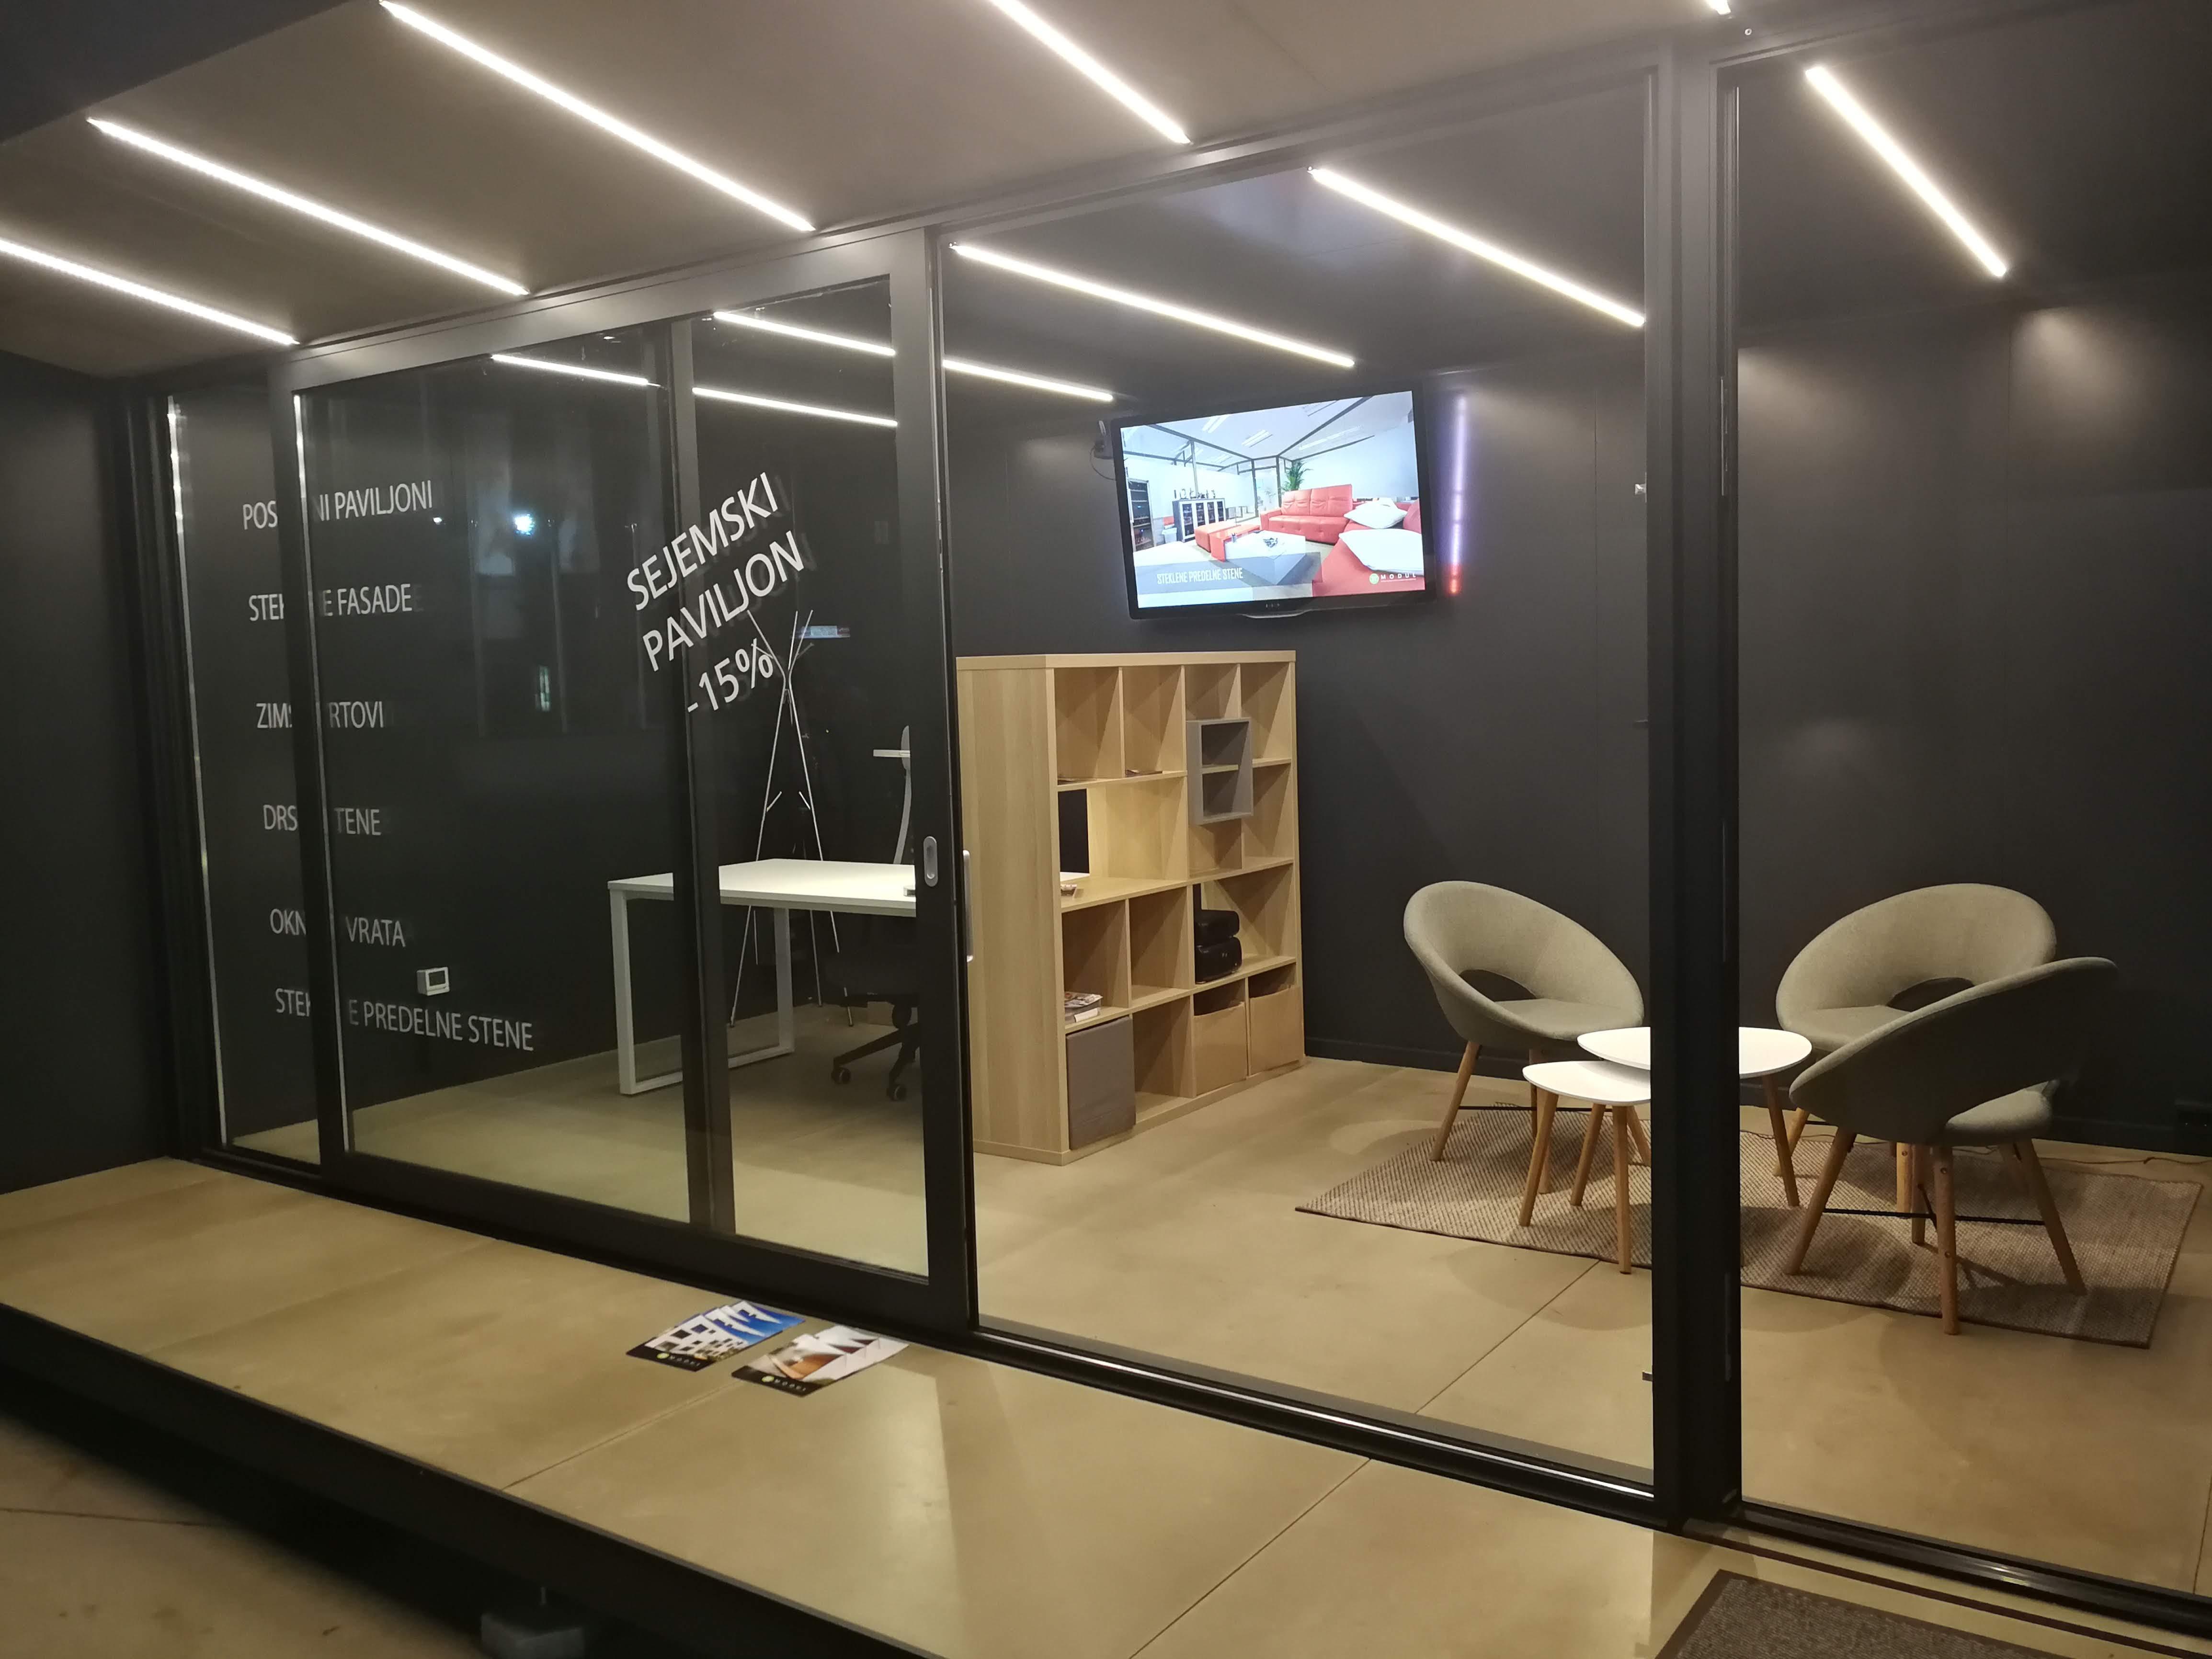 Poslovni paviljon - drsna stena